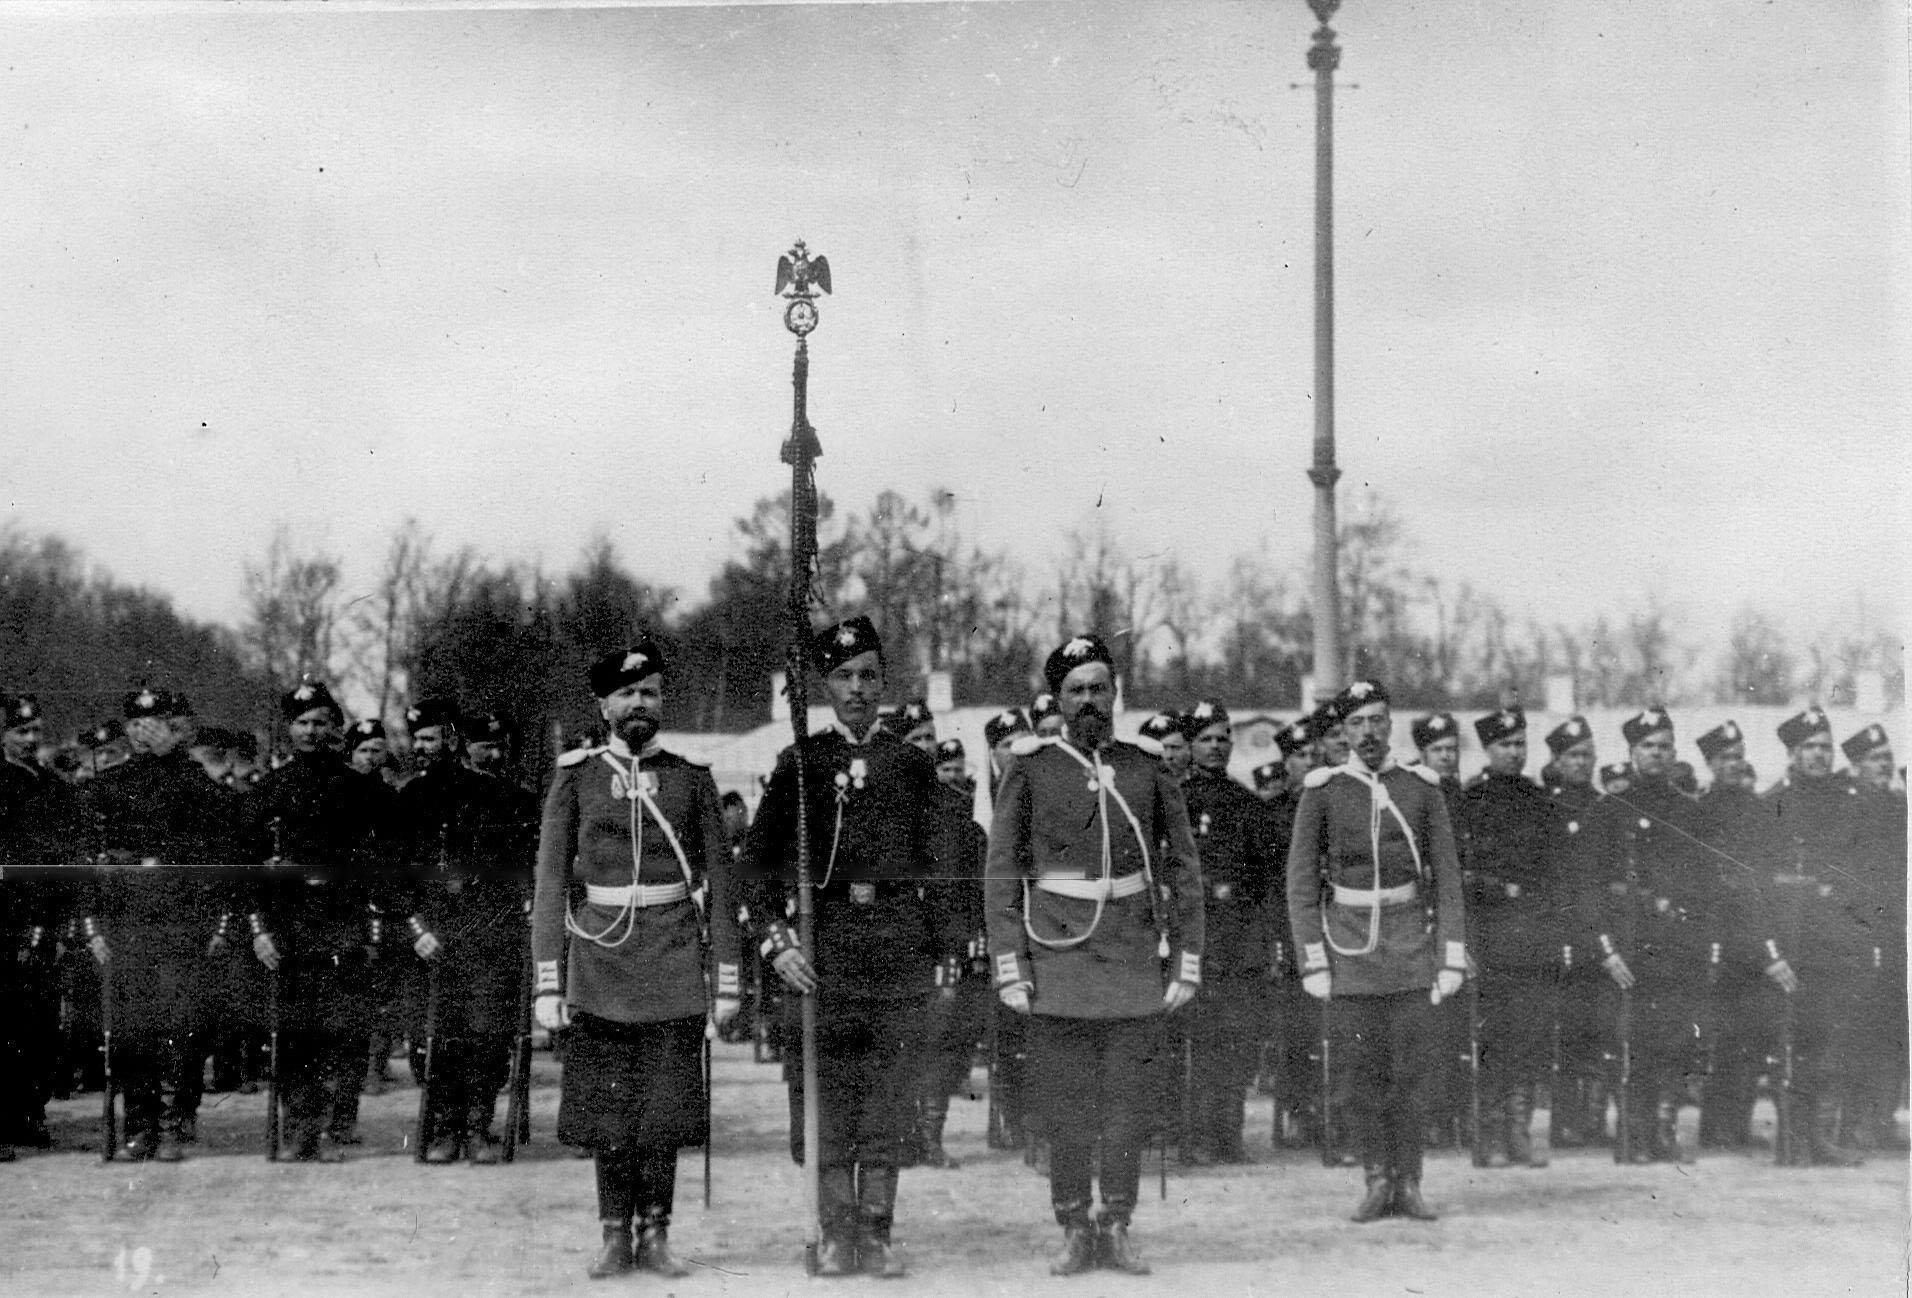 Вынос батальонного знамени на параде лейб-гвардии стрелковой бригады на плацу перед Екатерининским дворцом